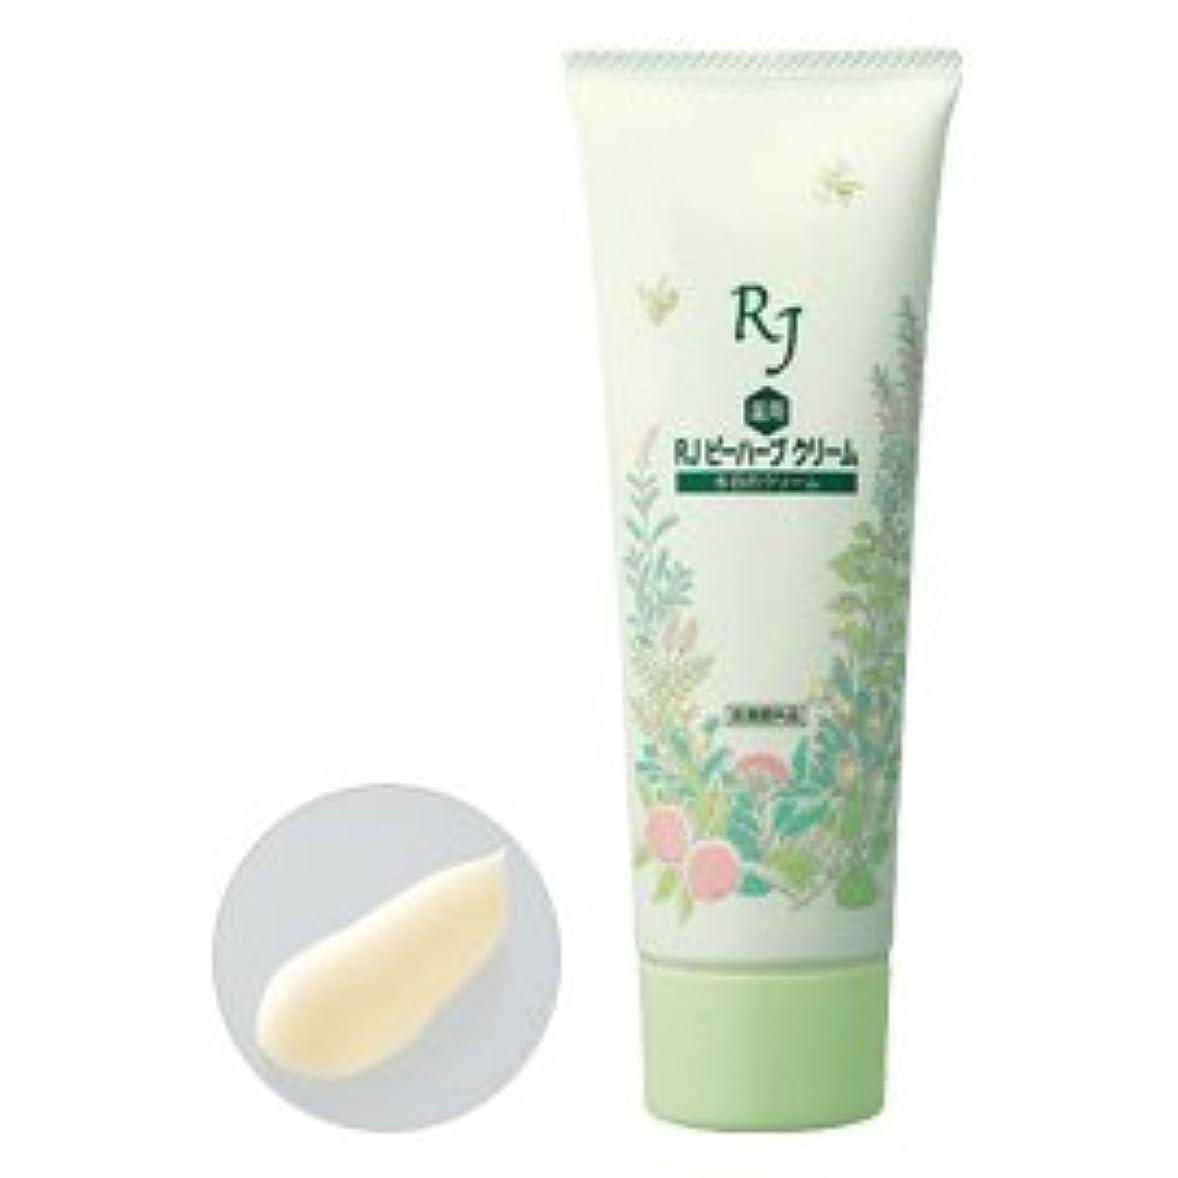 フルートカリキュラム海岸薬用 RJビーハーブクリーム〈全身用保湿クリーム〉 医薬部外品 120g /Medicated RJ Bee Herb Cream<120g>